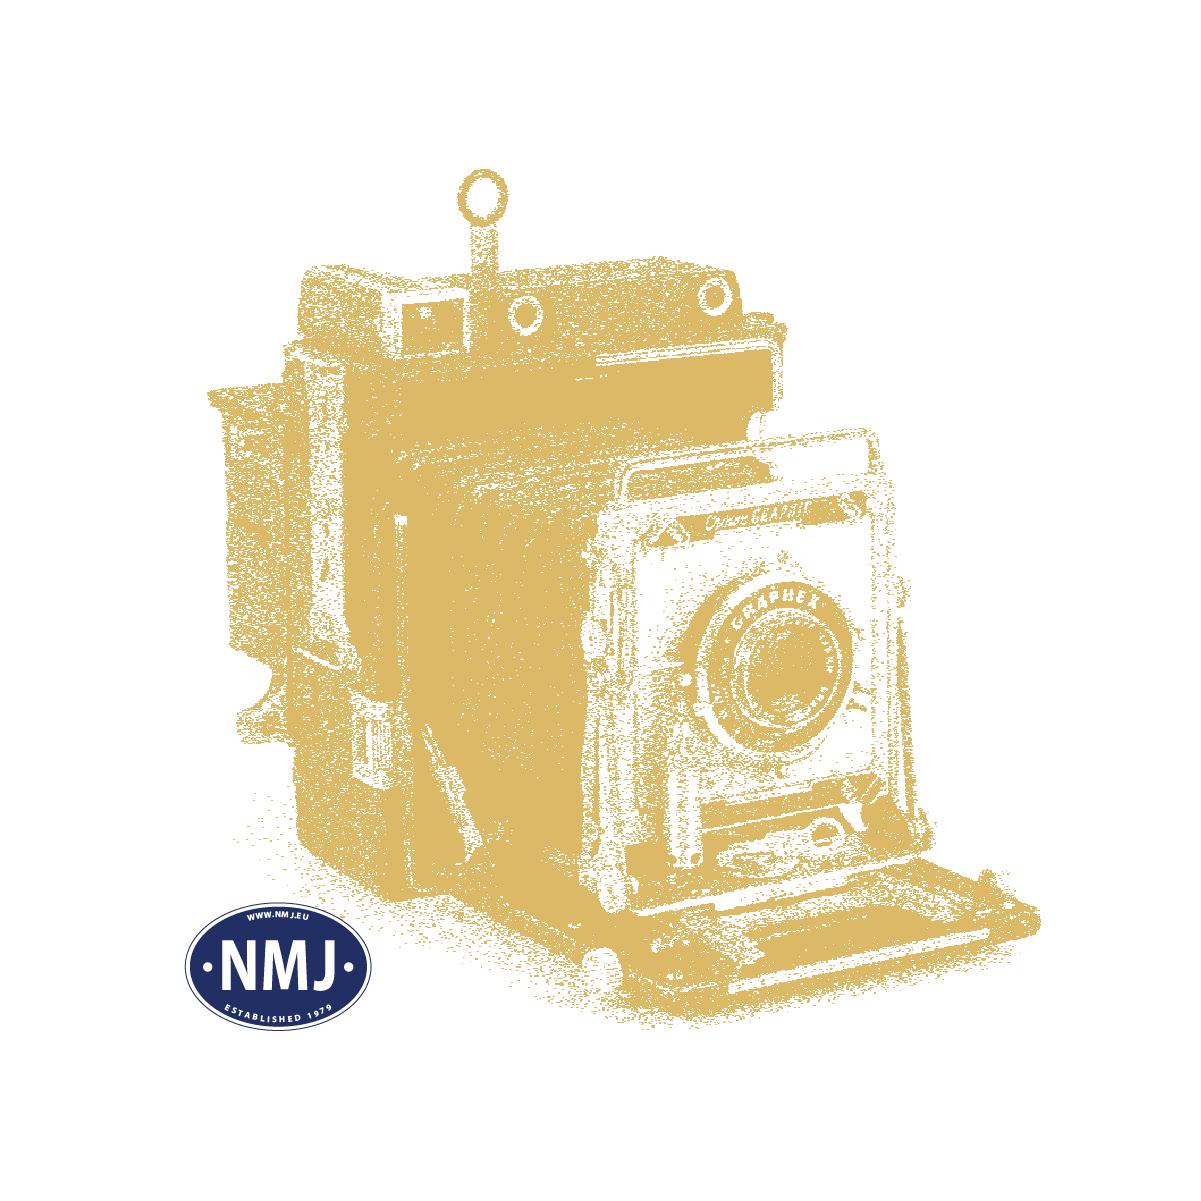 NMJ019009 - NMJ Superline NSB Co2d 19009